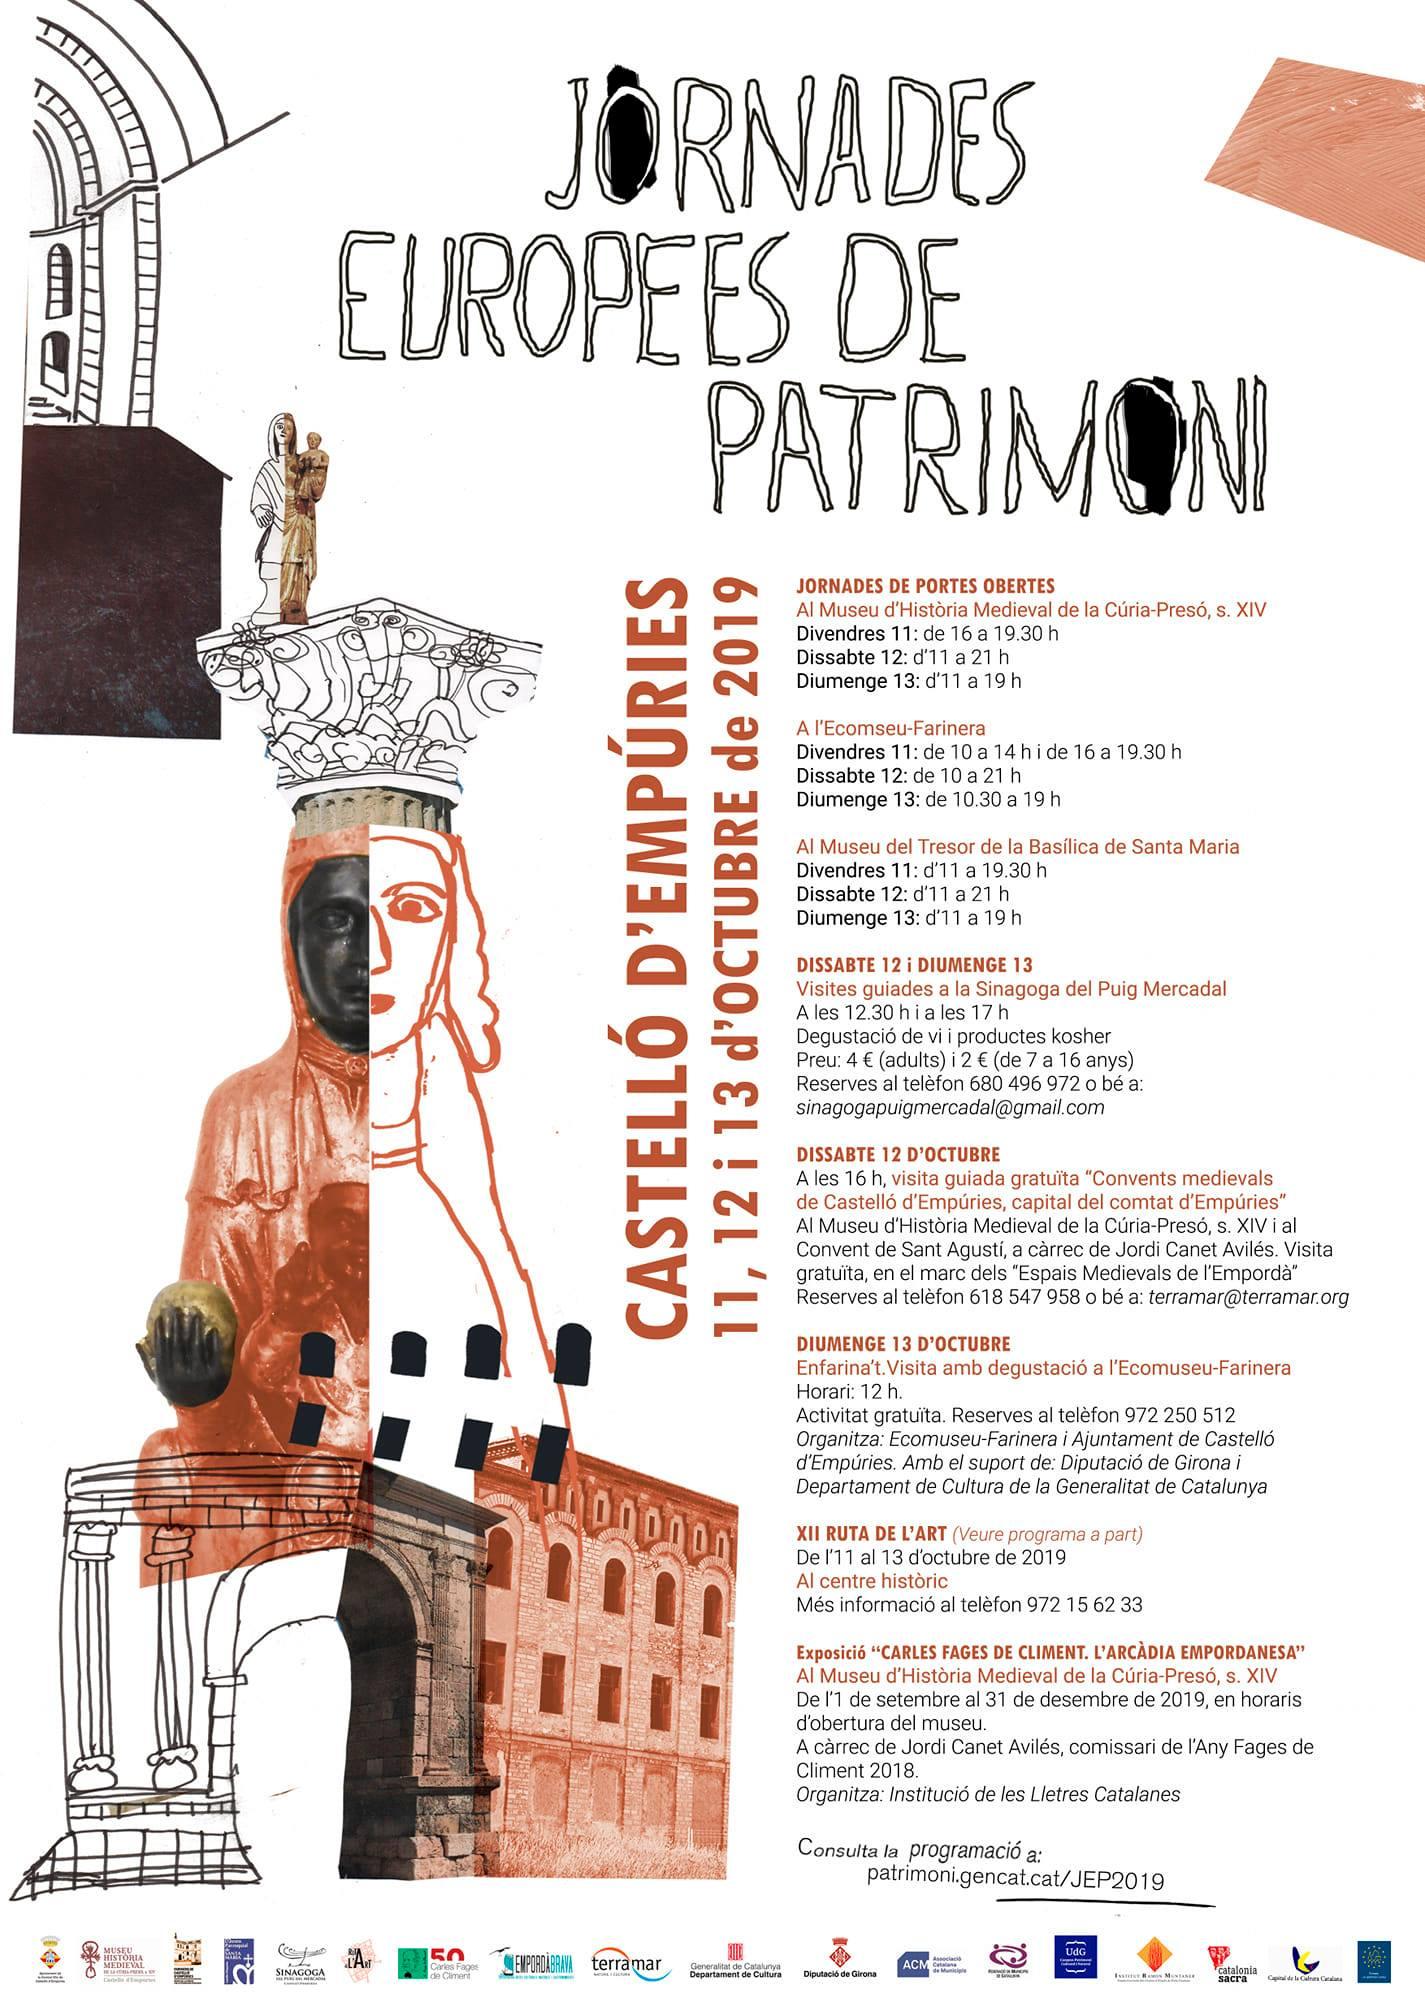 Jornades Europees de Patrimoni a Castelló d'Empúries